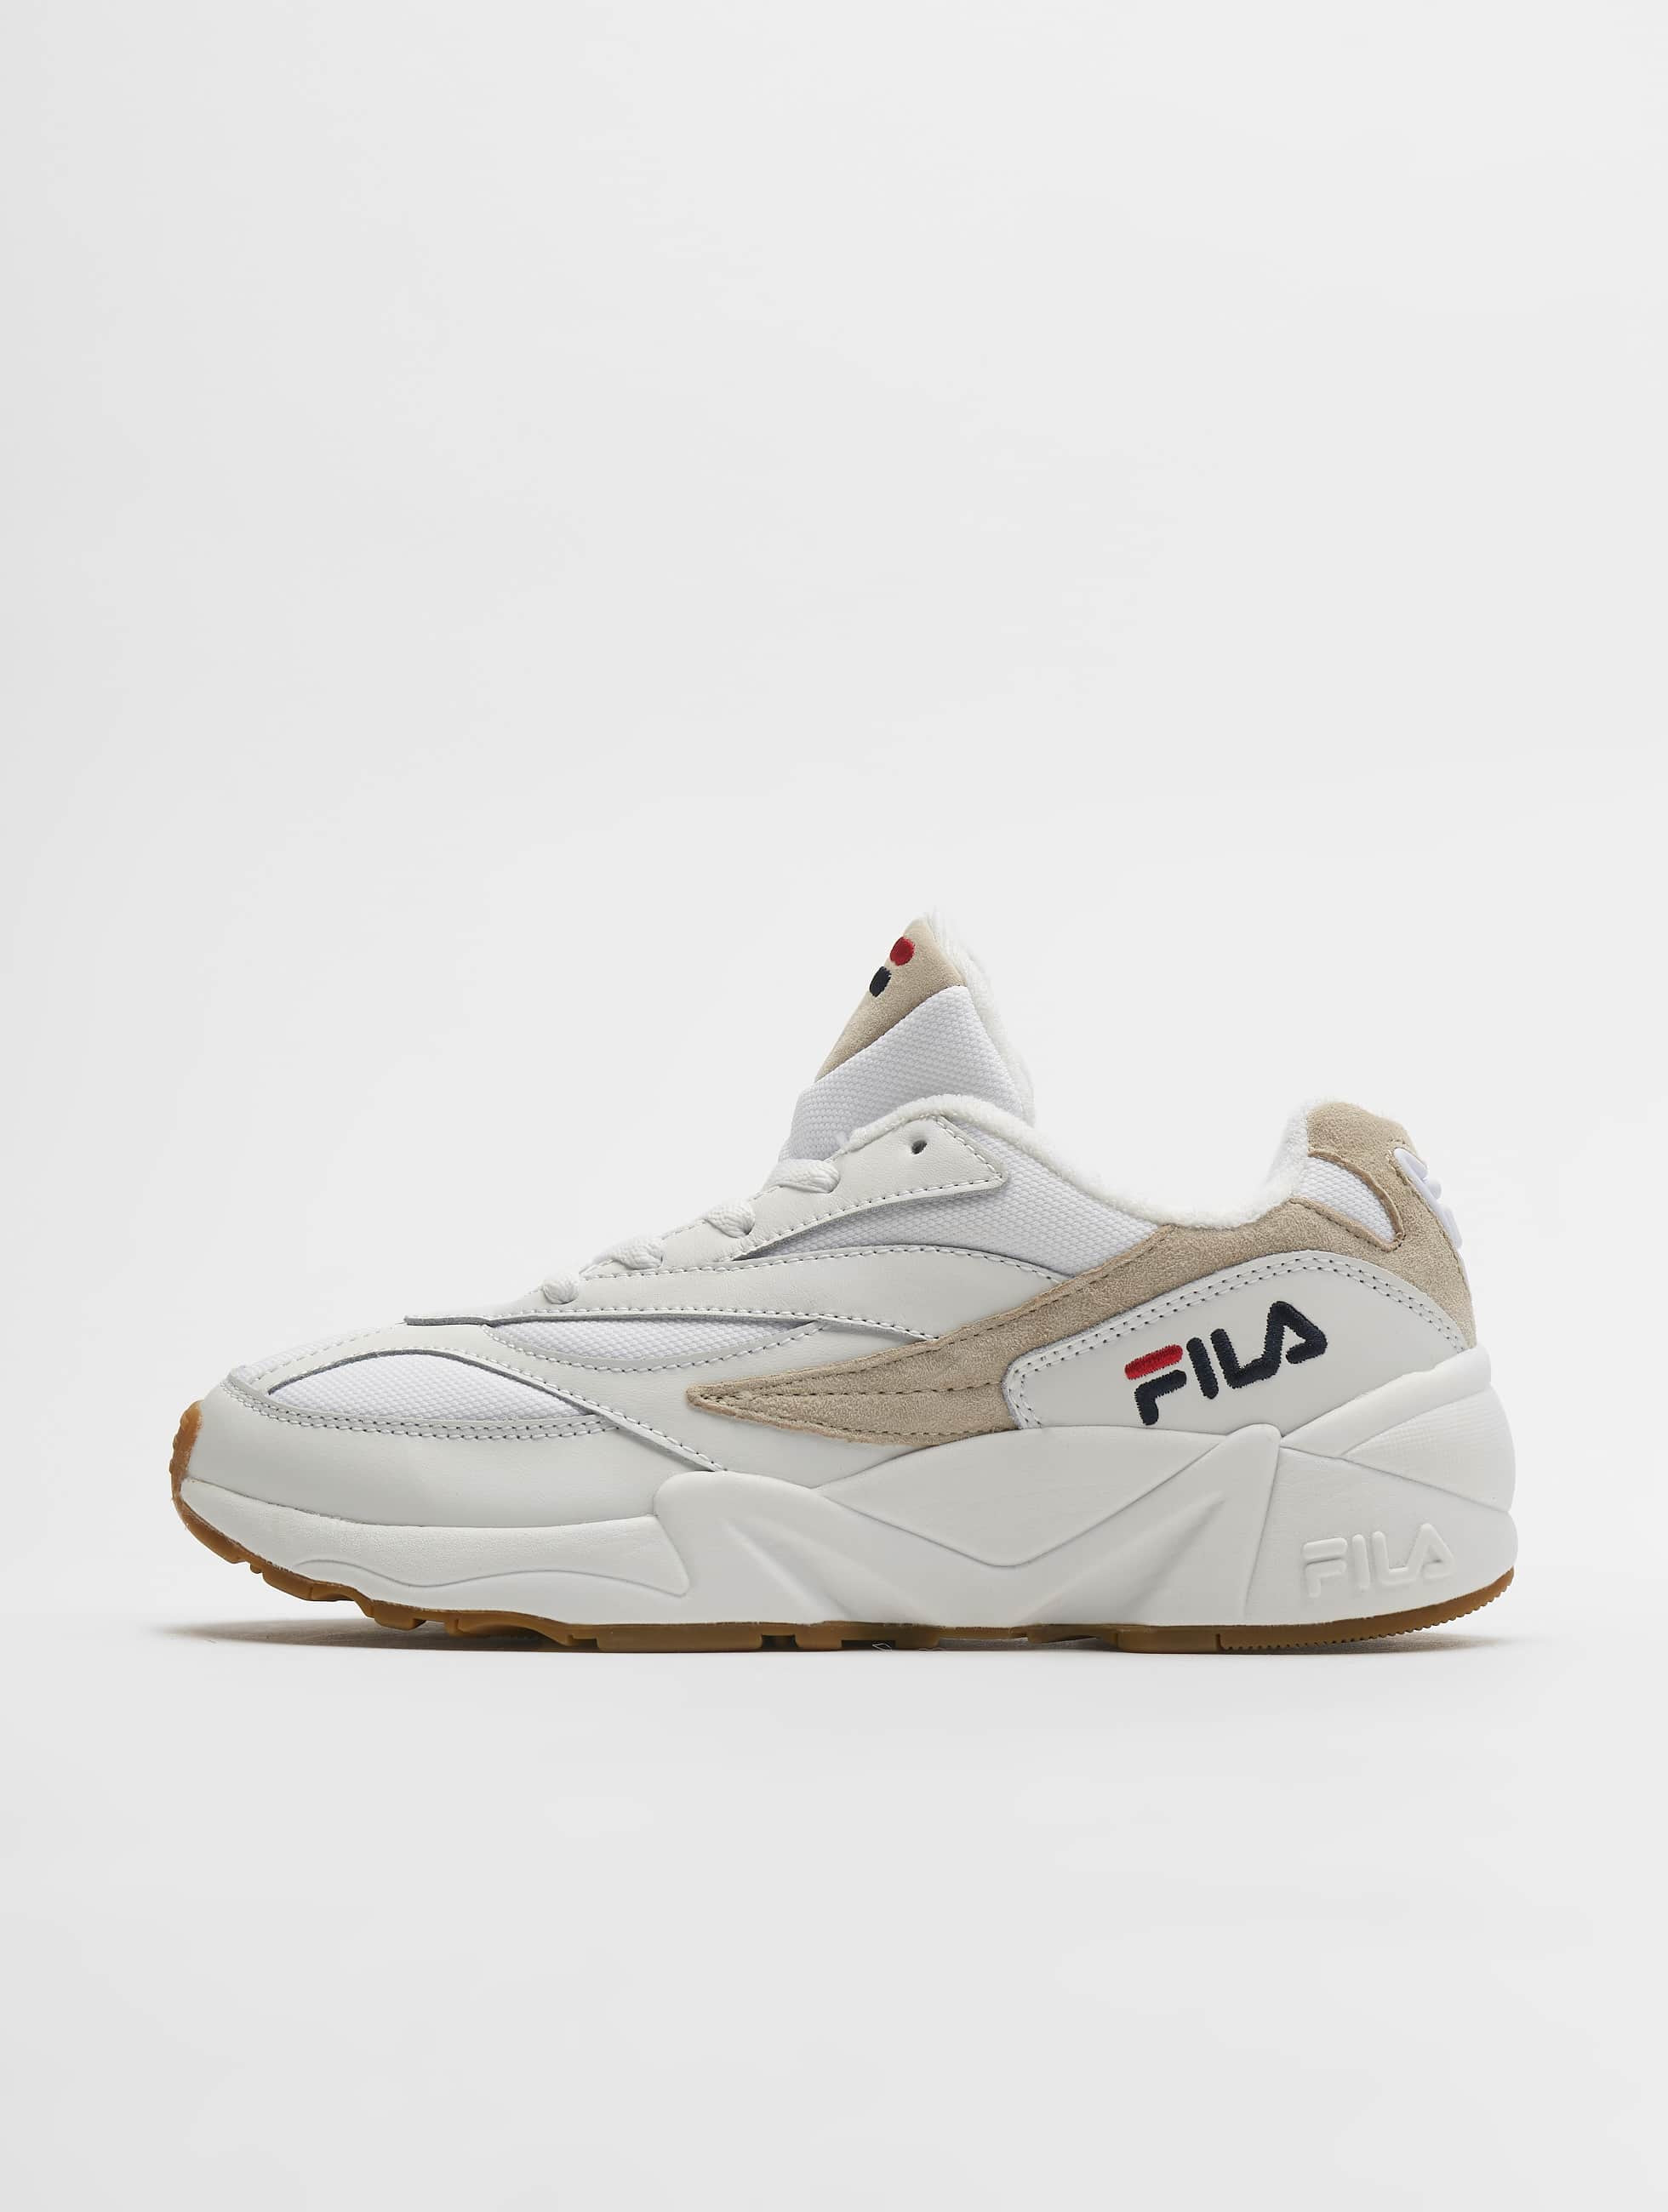 c09517e0f3d FILA schoen / sneaker V94M in wit 509598